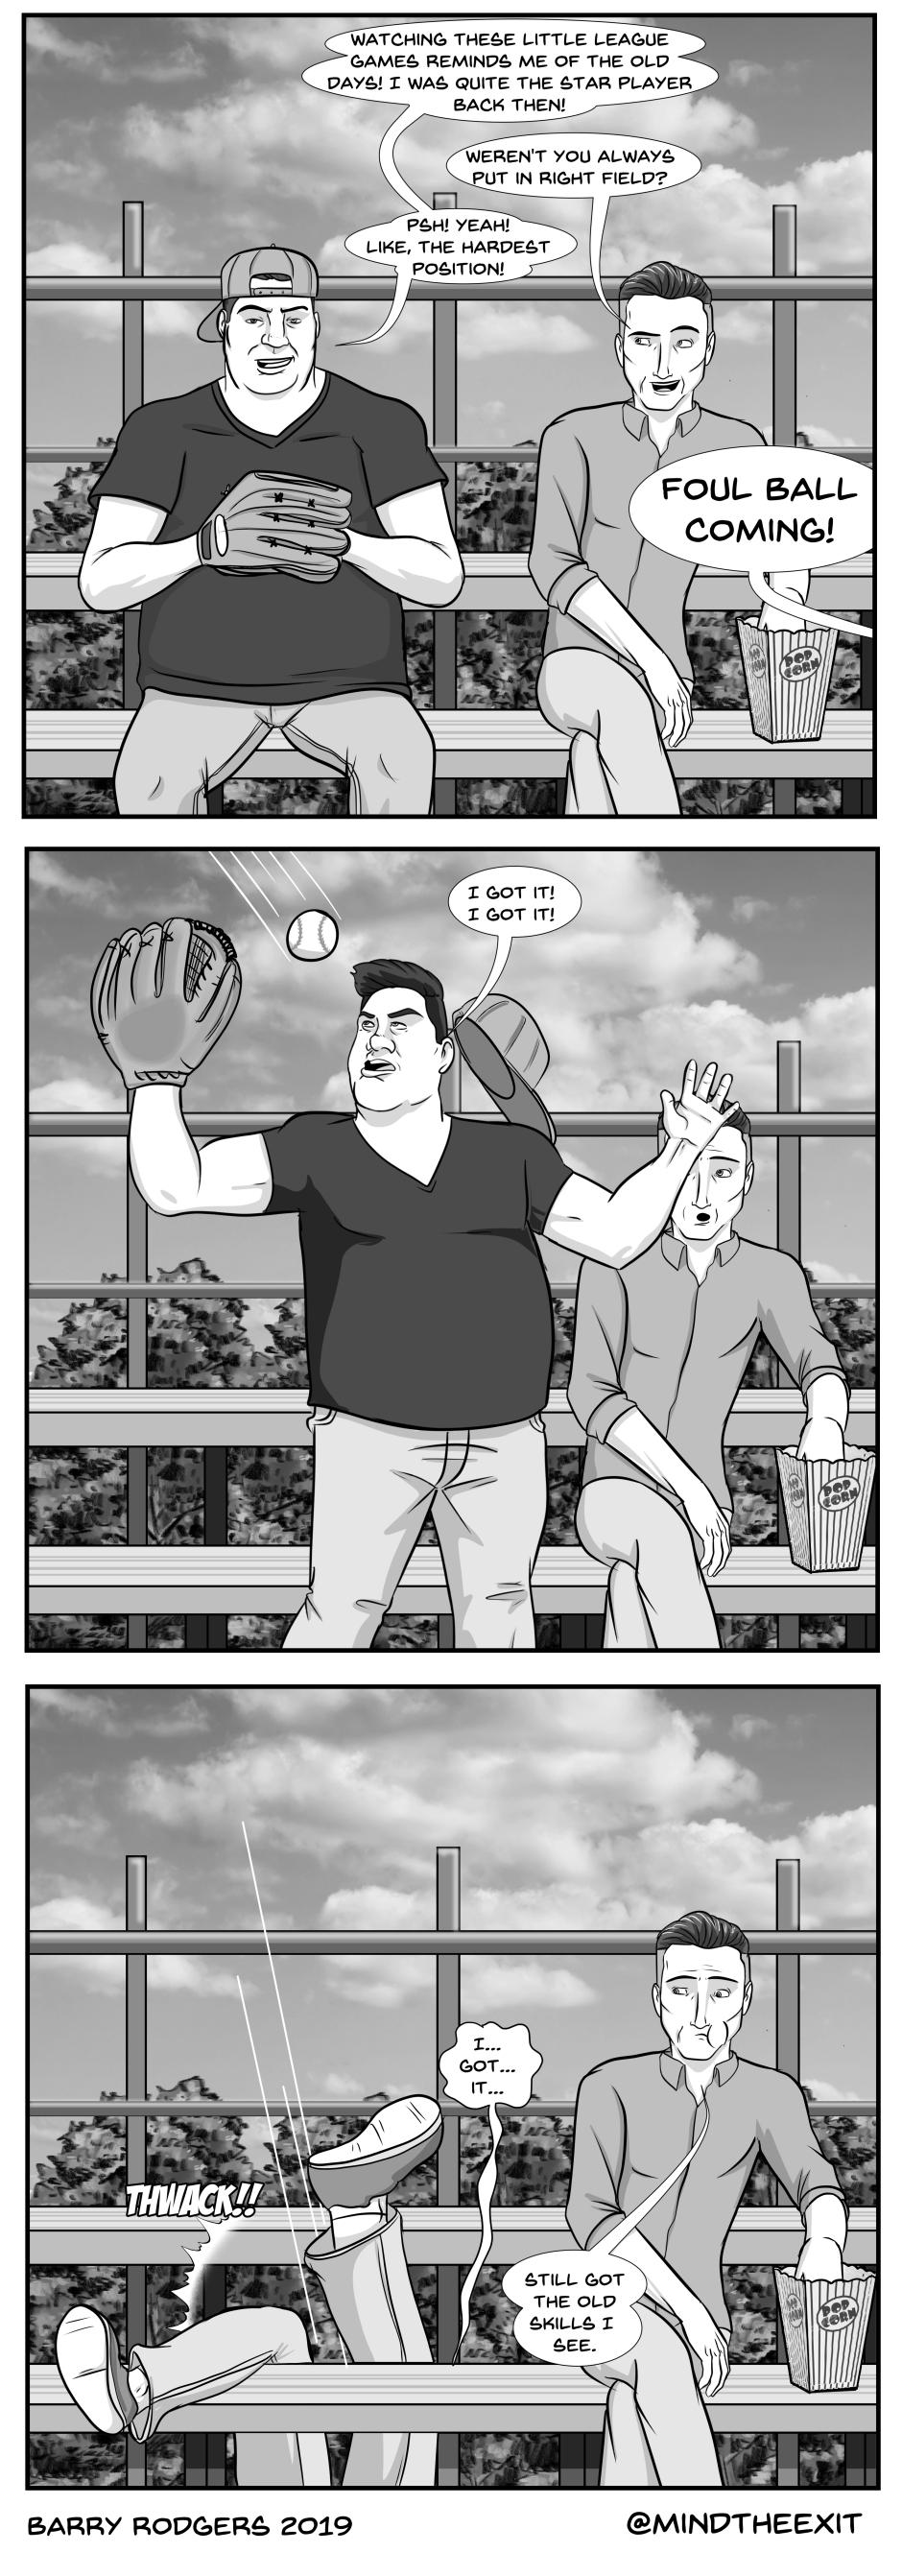 play ball1